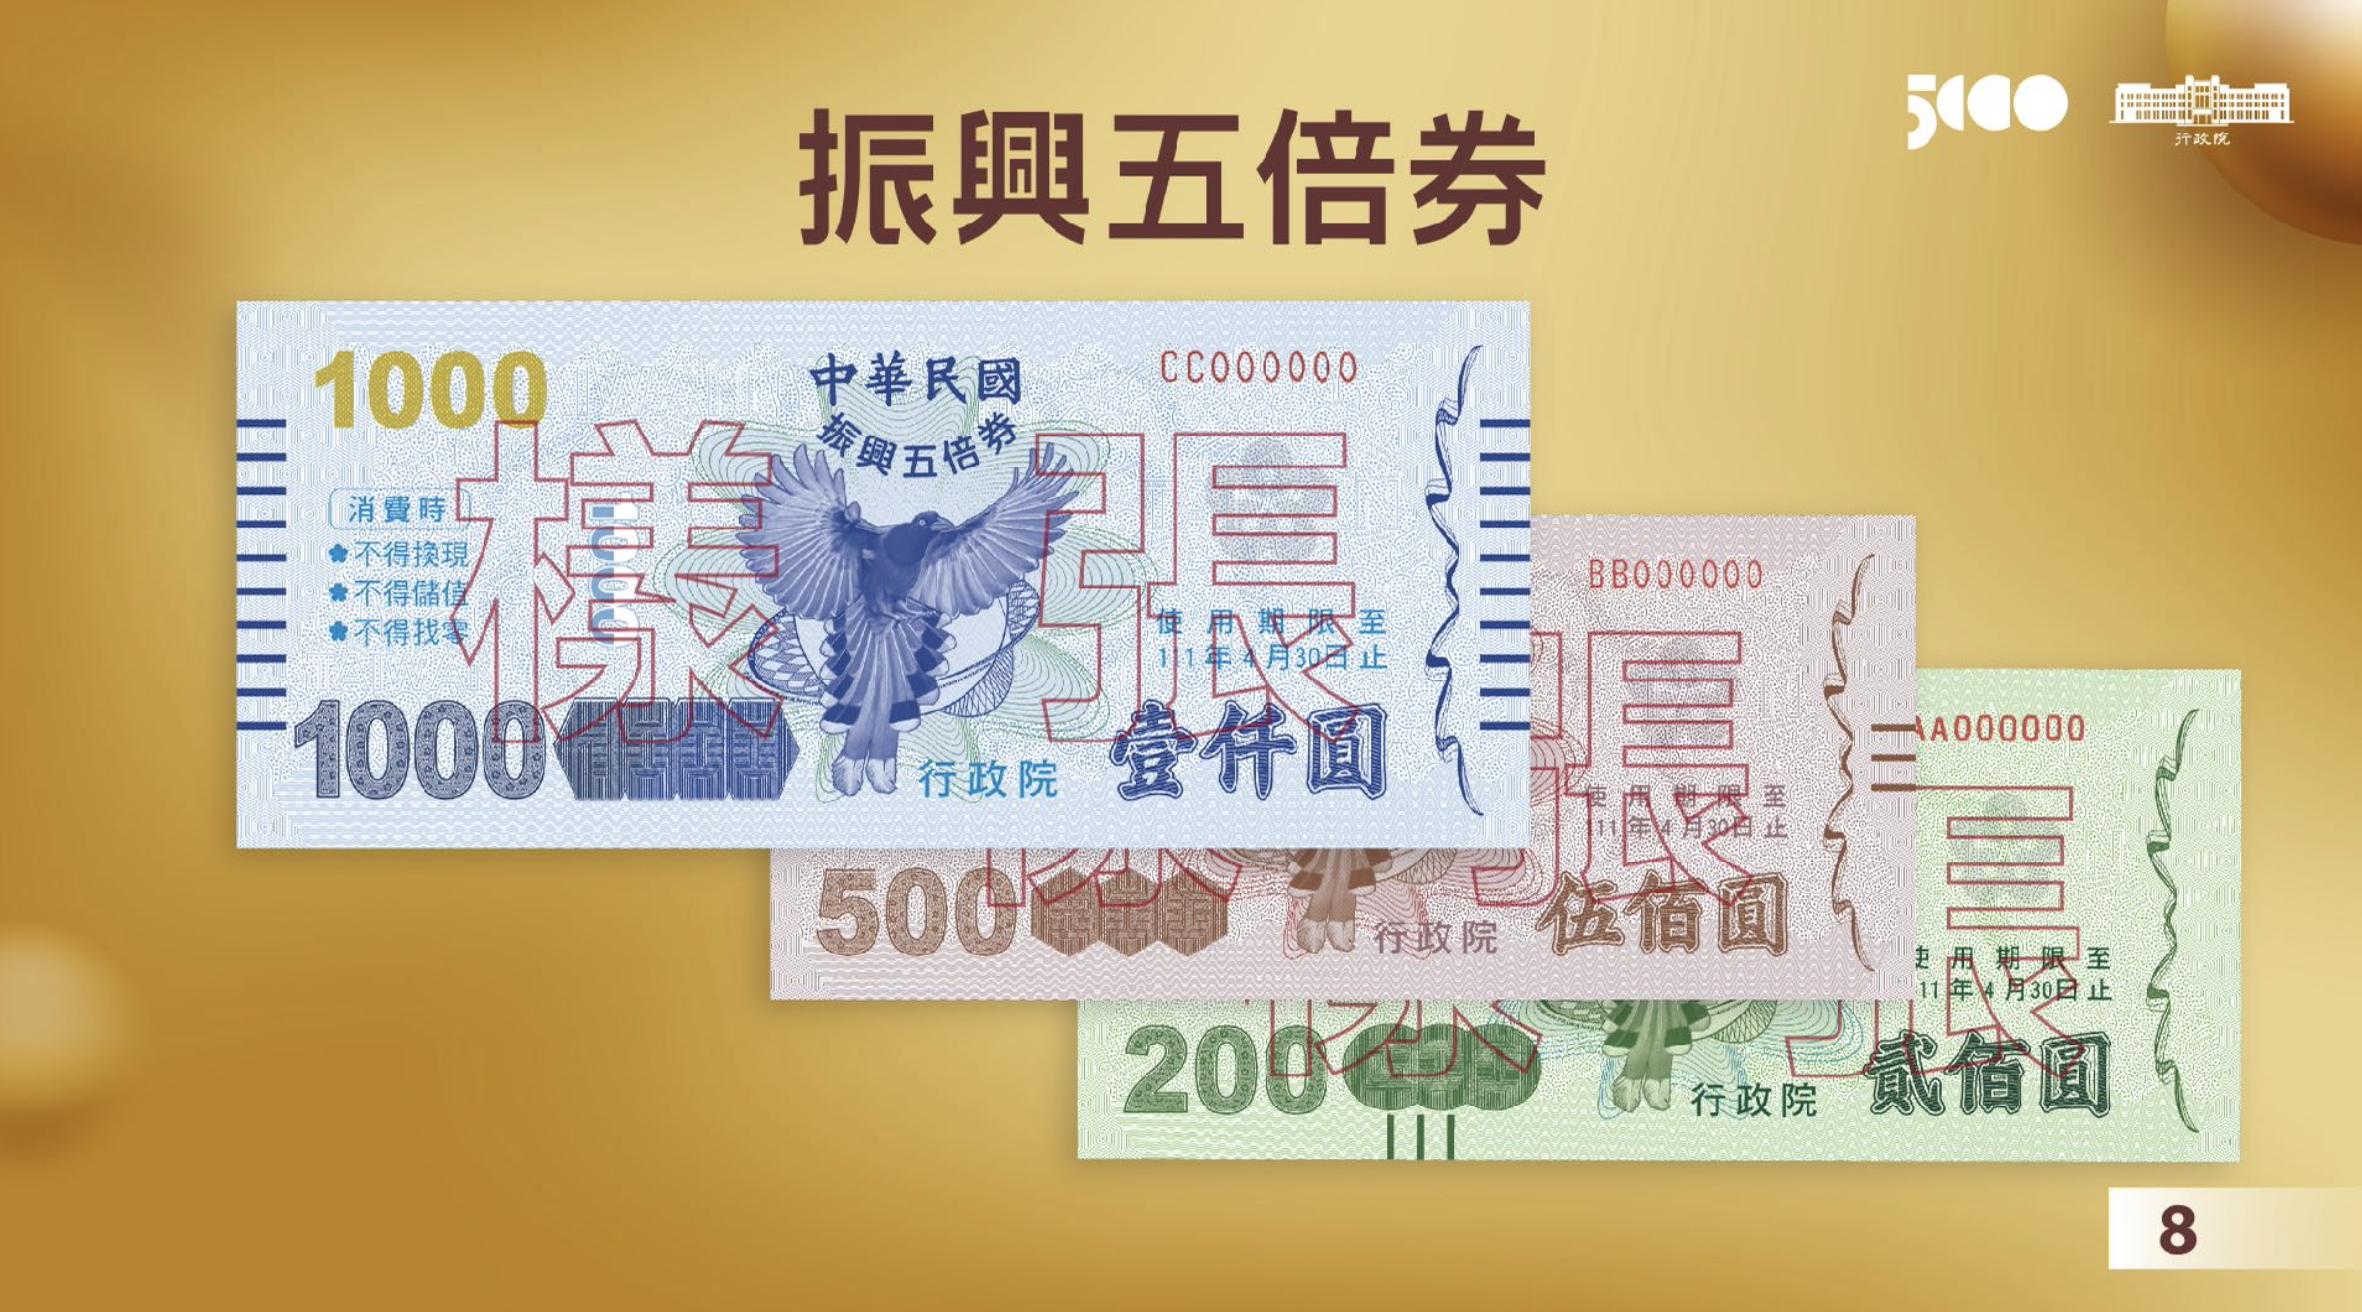 桃園市民卡